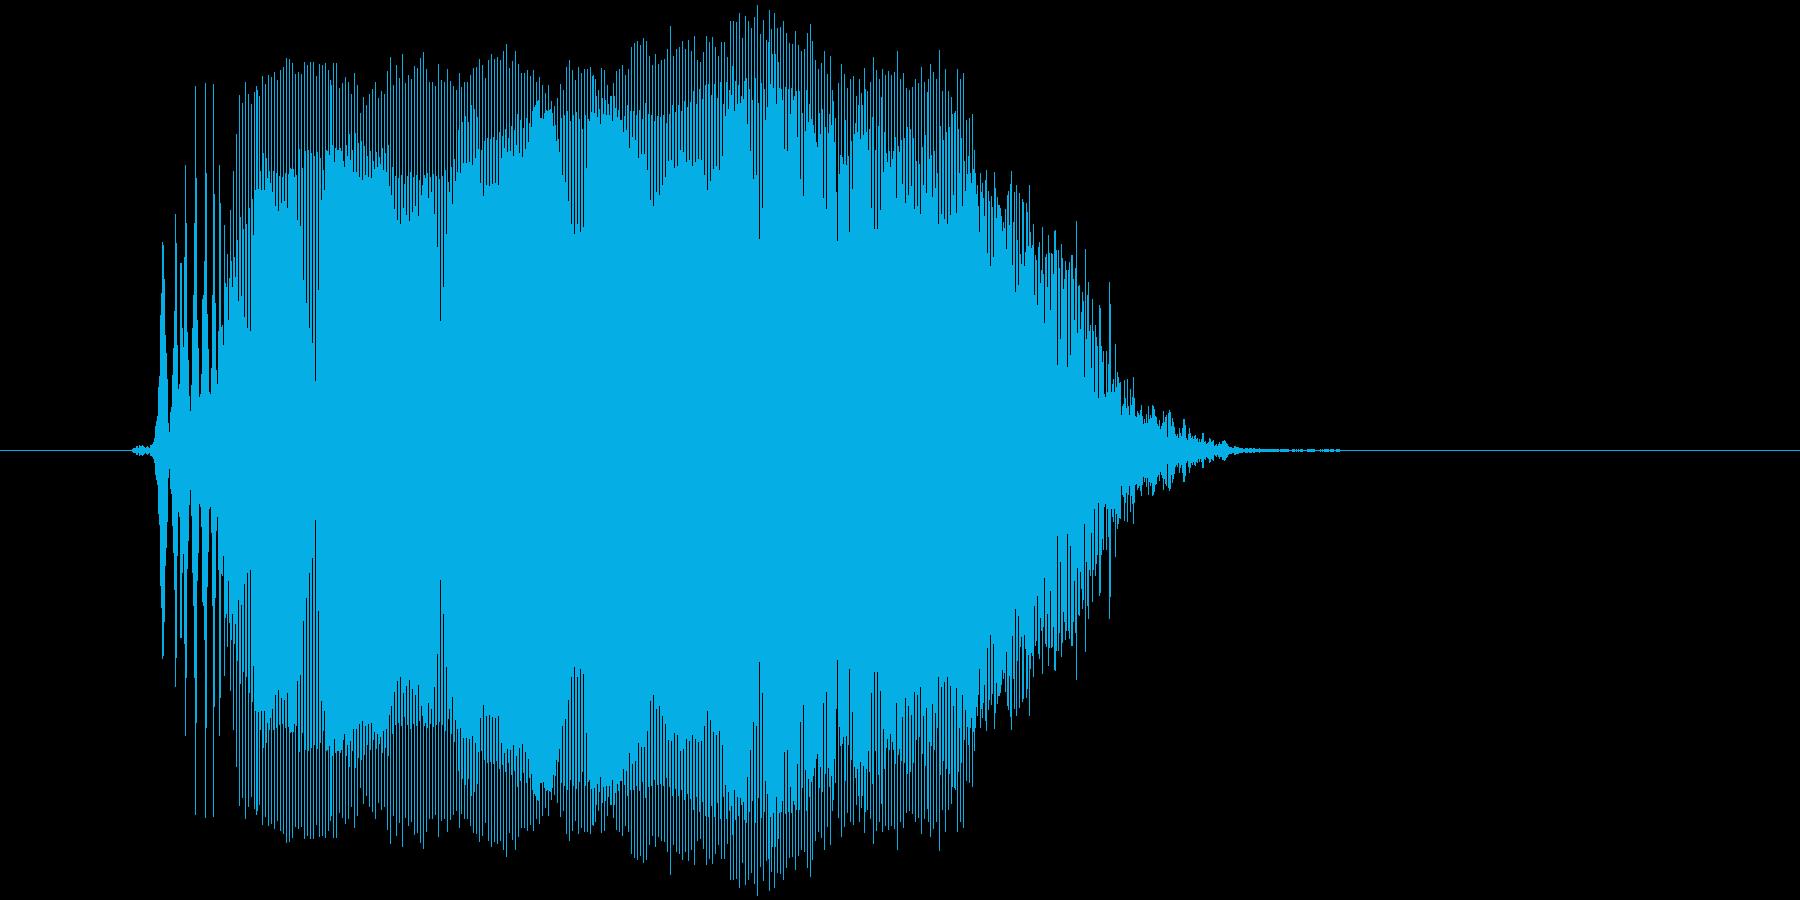 「うぅー」の再生済みの波形